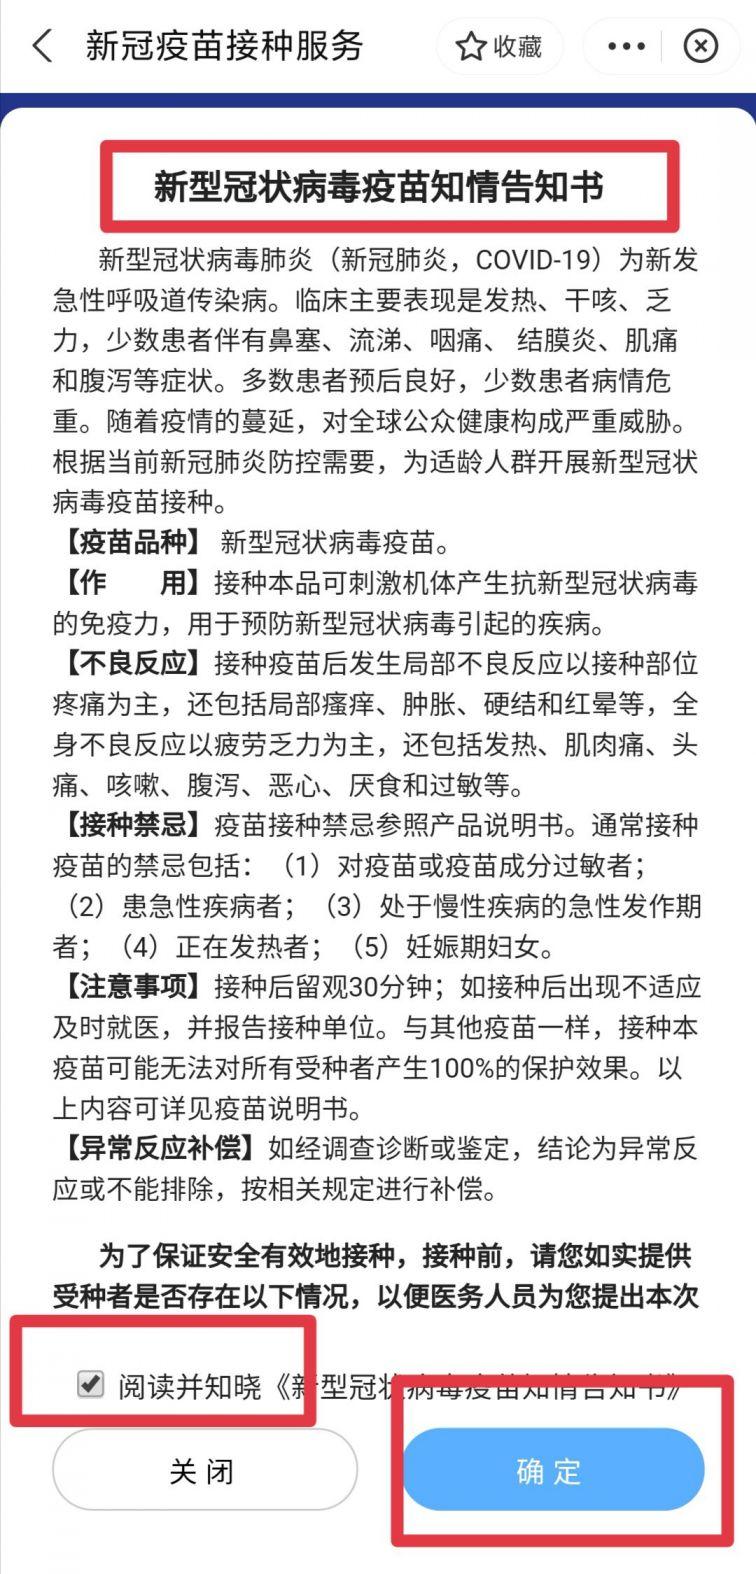 內江新冠疫苗接種線上預約流程